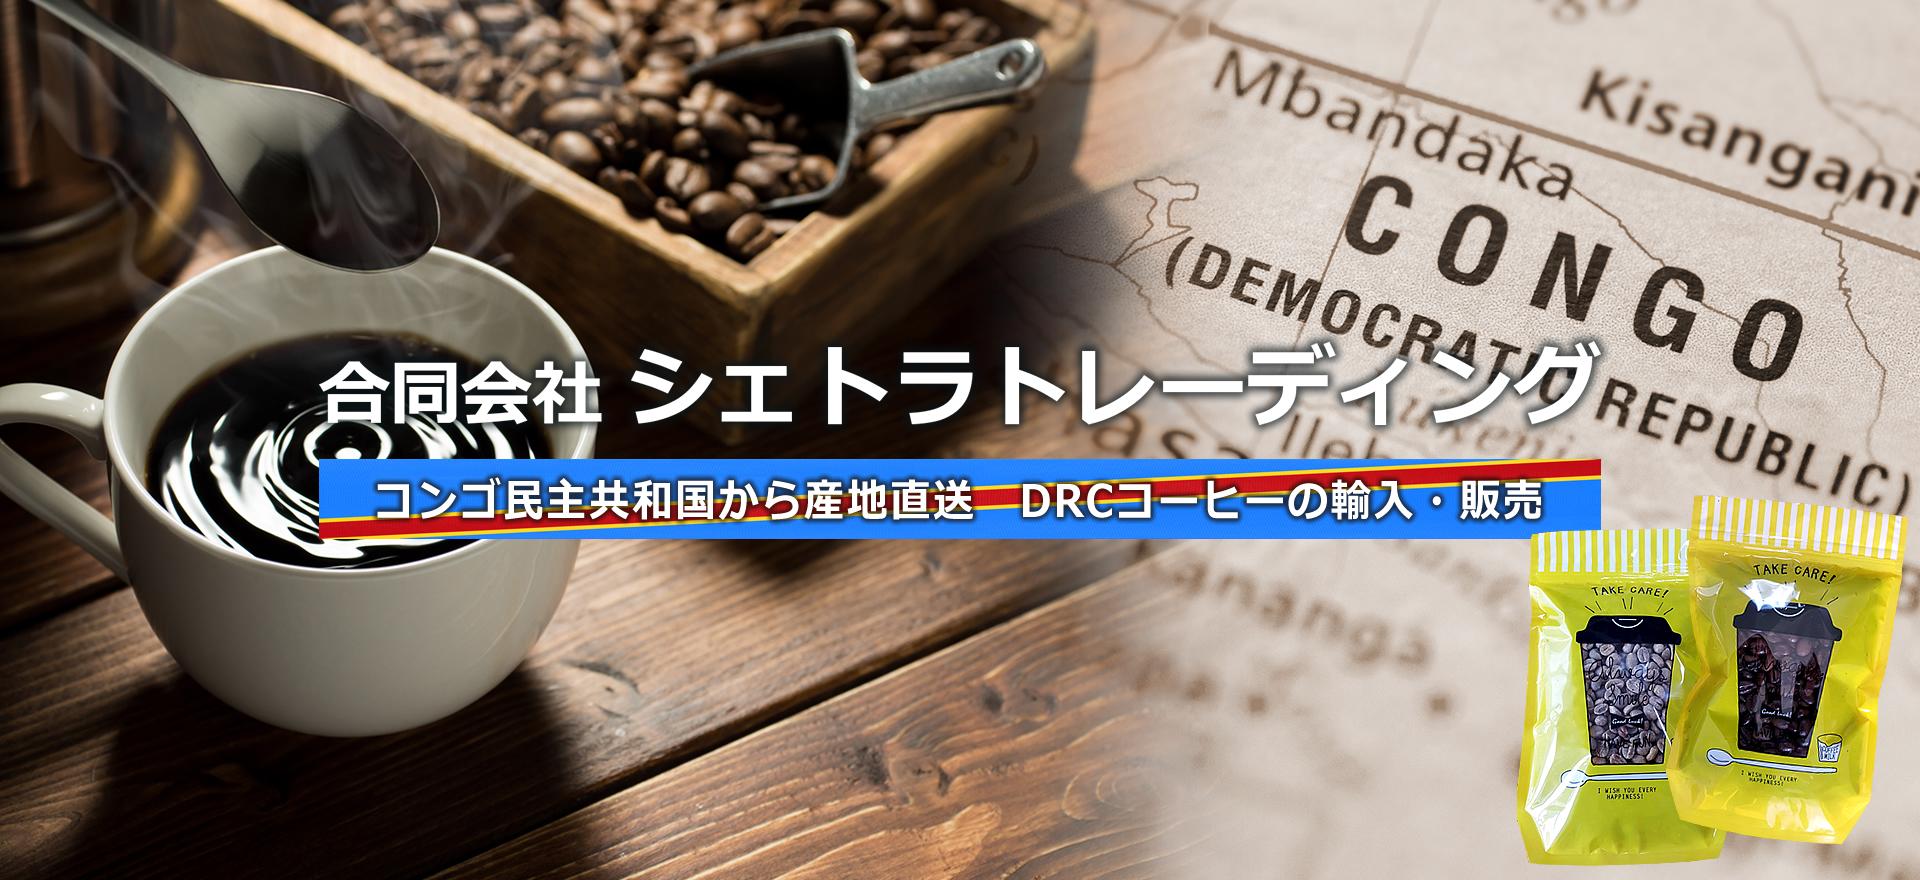 合同会社 シェトラトレーディング/コンゴ民主共和国/DRC(ディーアールシー)コーヒー輸入・販売